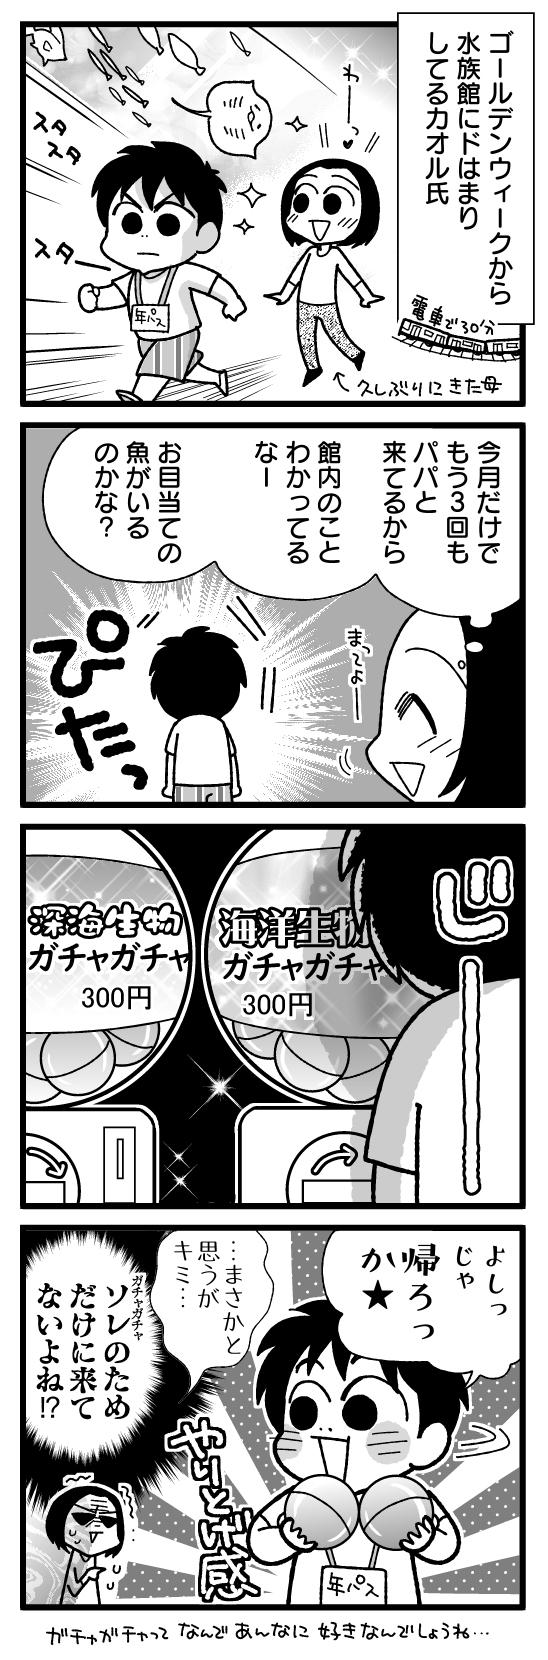 漫画『怒濤のにゅーじヨージ』Vol.206「ザ・こども吸引機!」 1コマ目